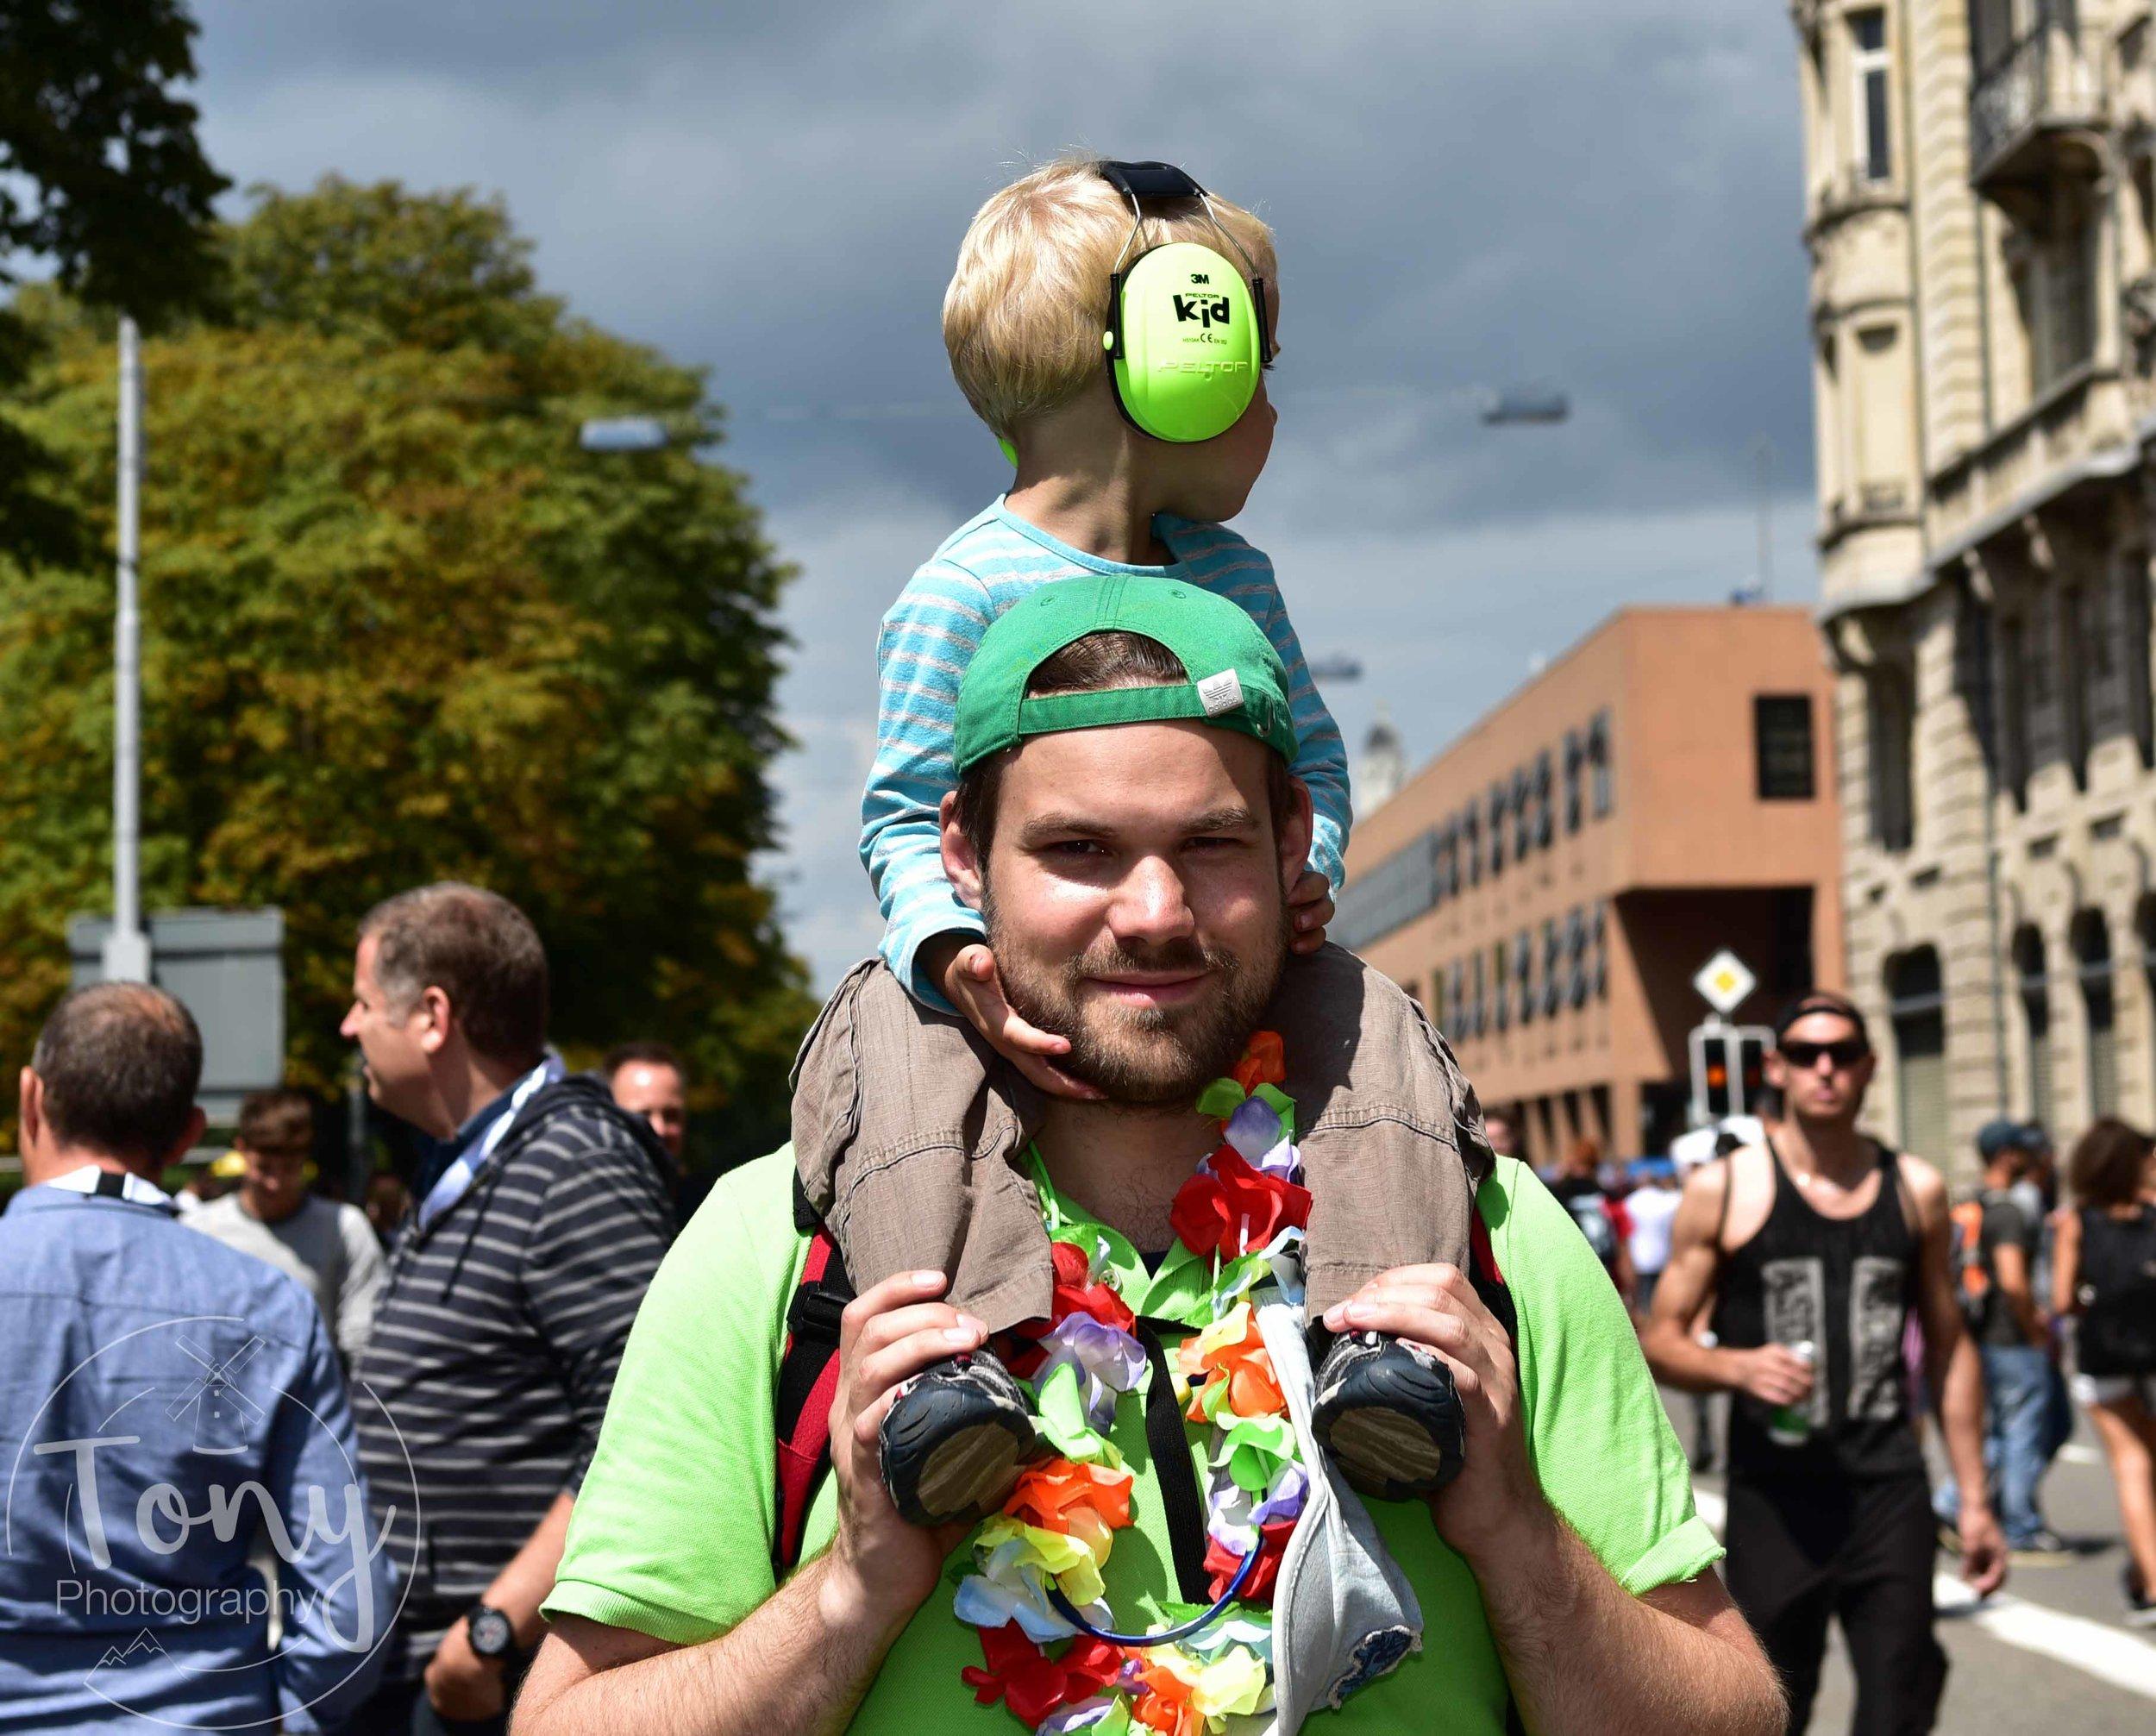 streetparade-34.jpg